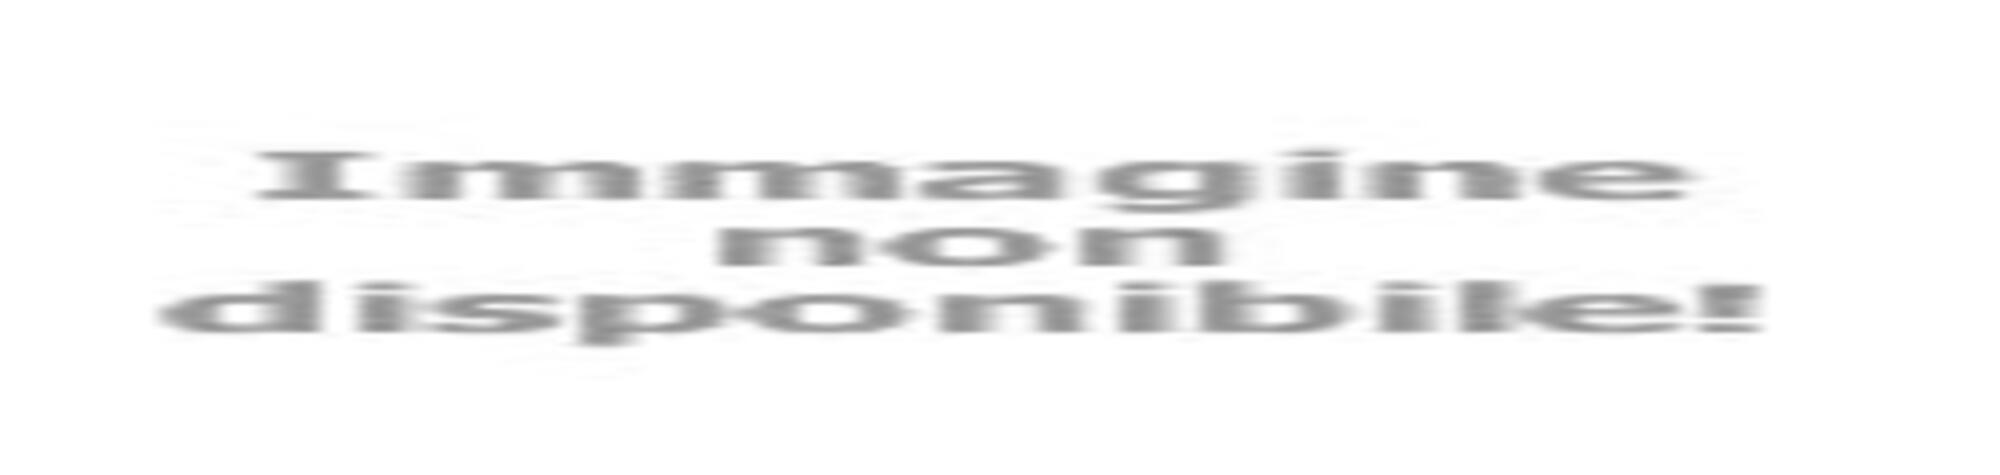 Offerta vacanze in spaziosi ed eleganti appartamenti in villaggio sul mare a Porto Sant'Elpidio